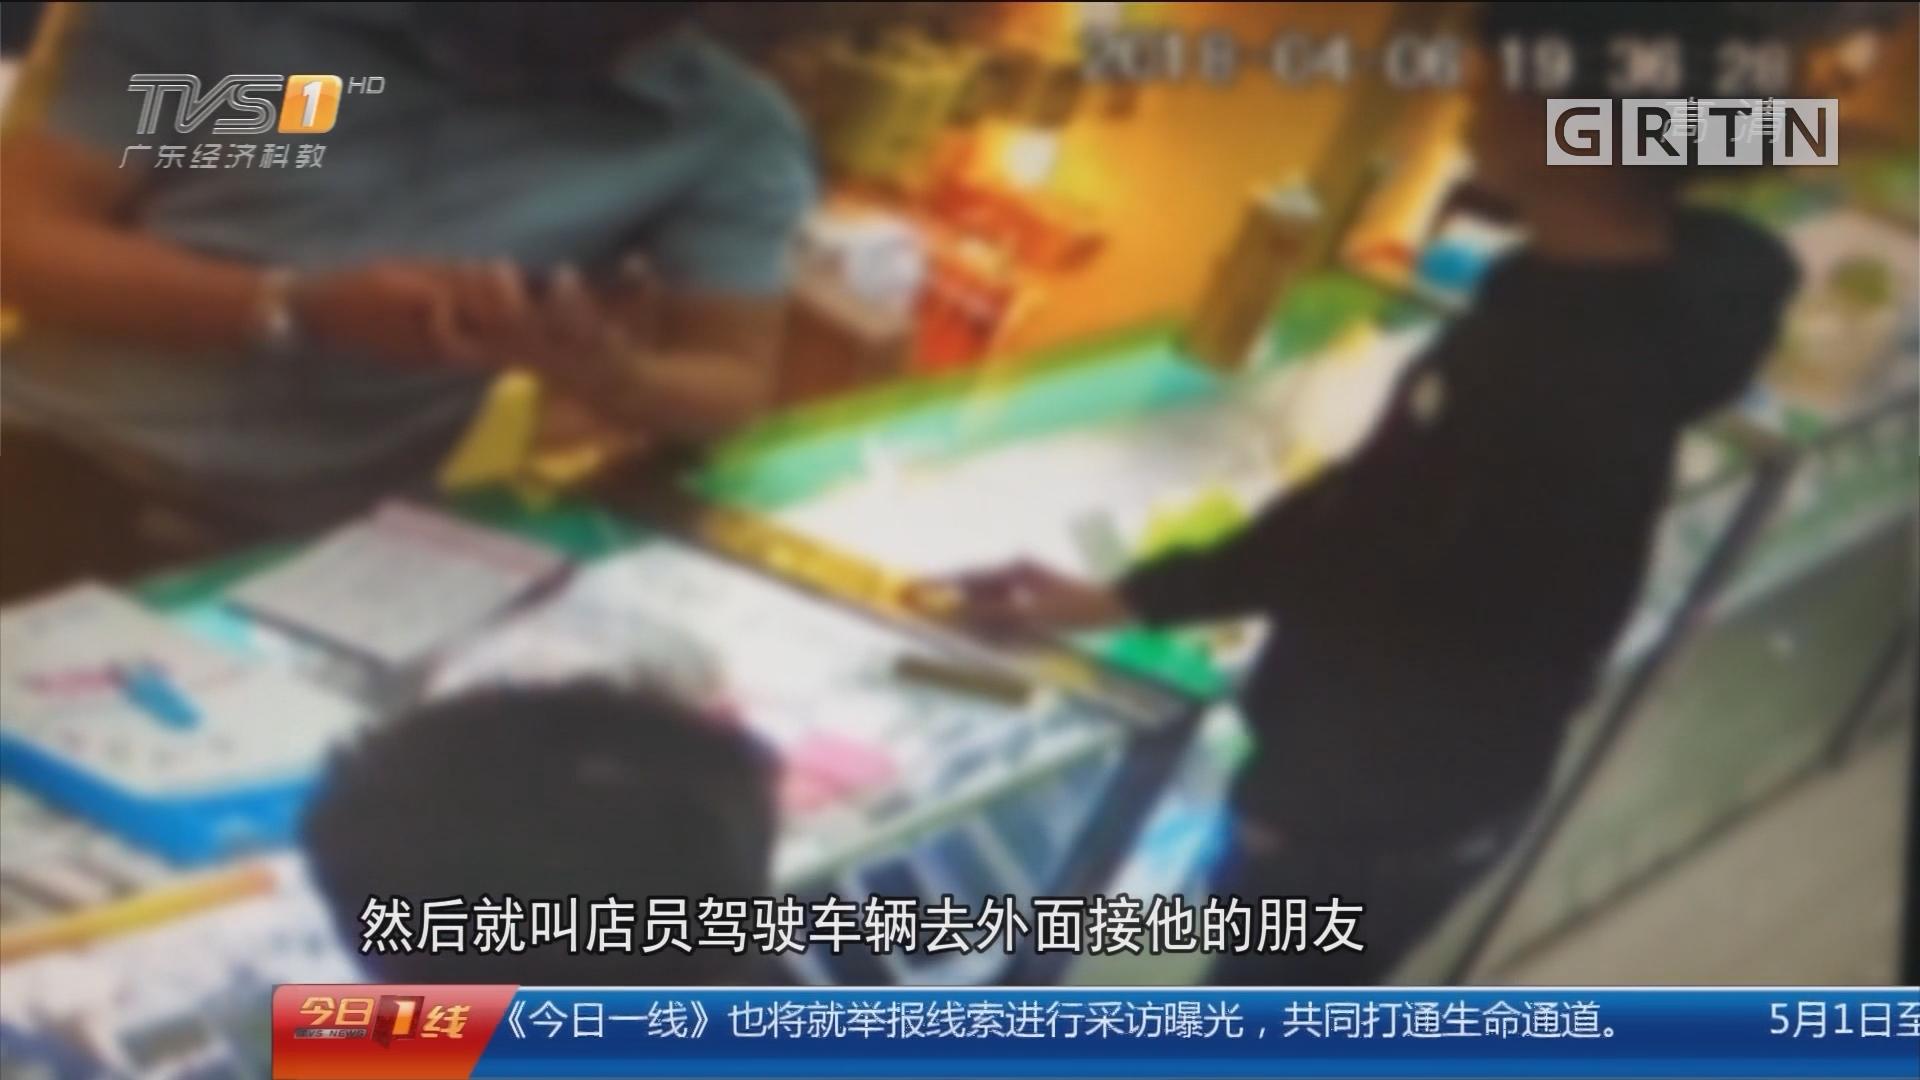 中山小榄:15岁少年三度抢手机 被警方抓获